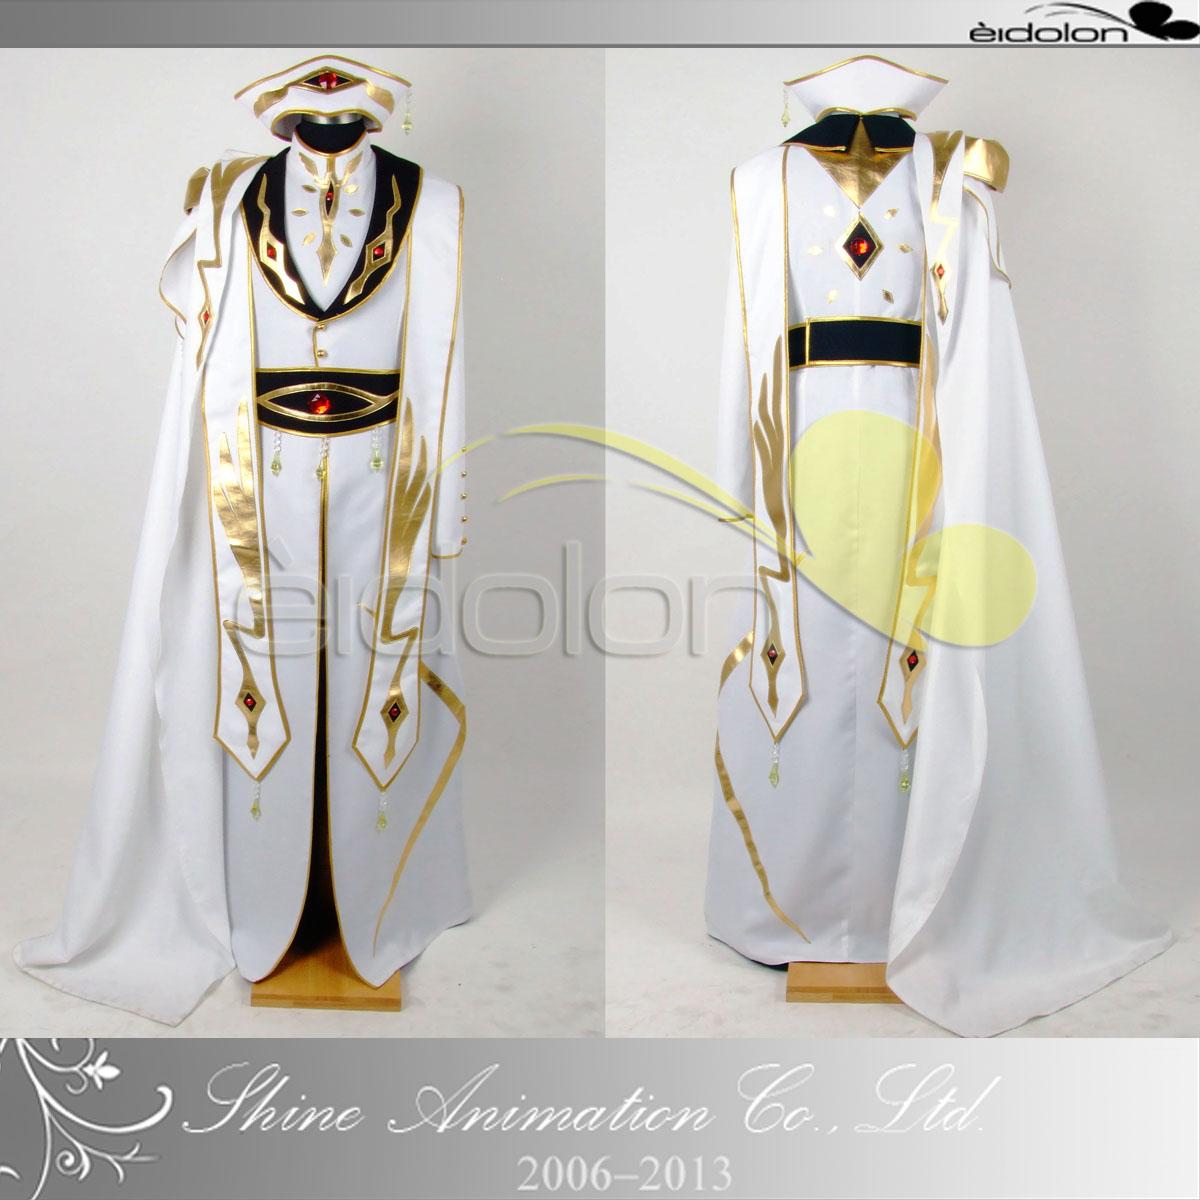 反叛的鲁鲁修 鲁鲁修皇帝装 7折促销cosplay服装实拍